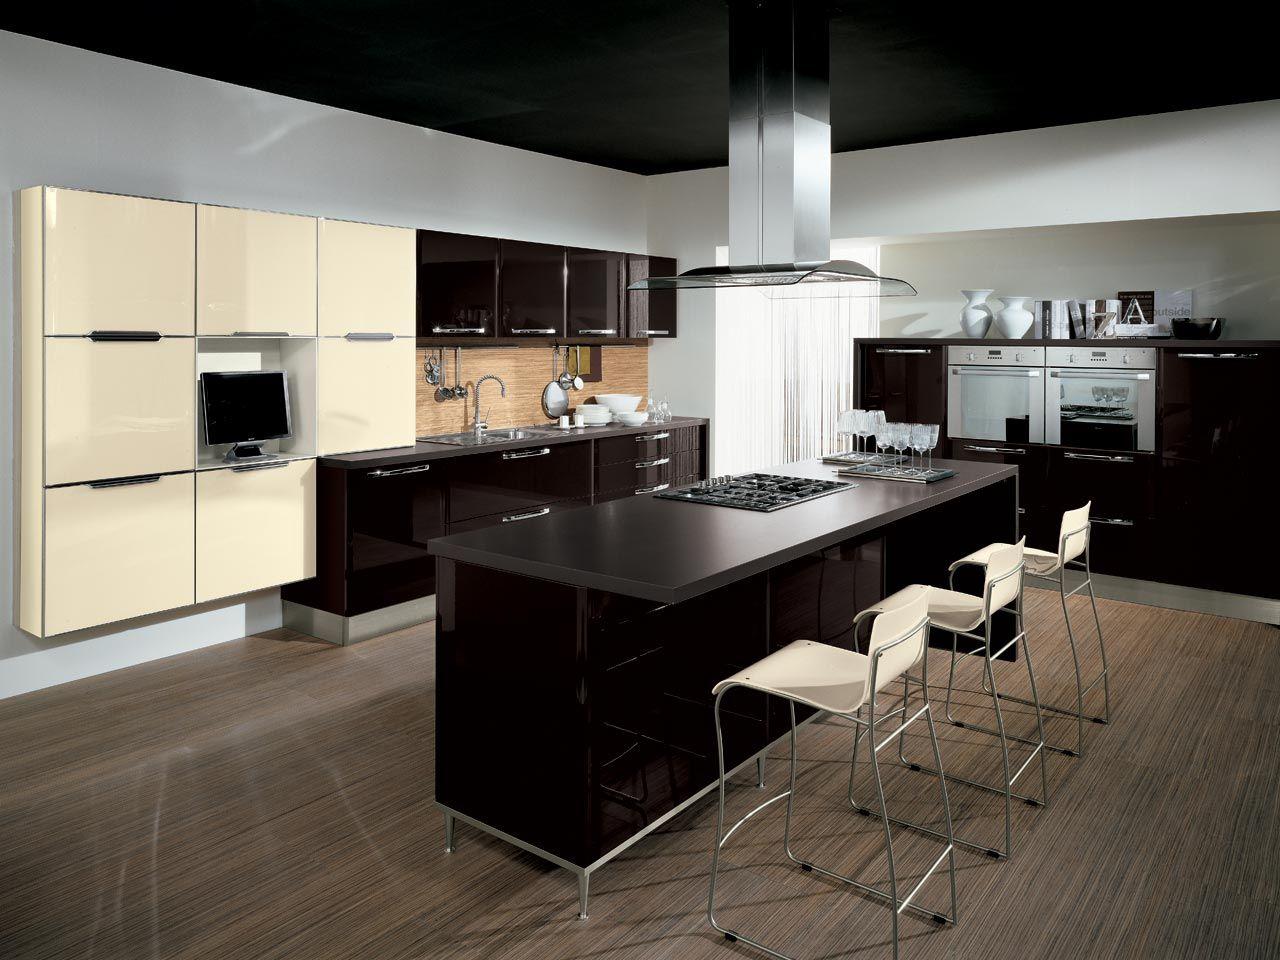 Cucina Componibile Laccata : Cucina componibile laccata con maniglie collezione doris